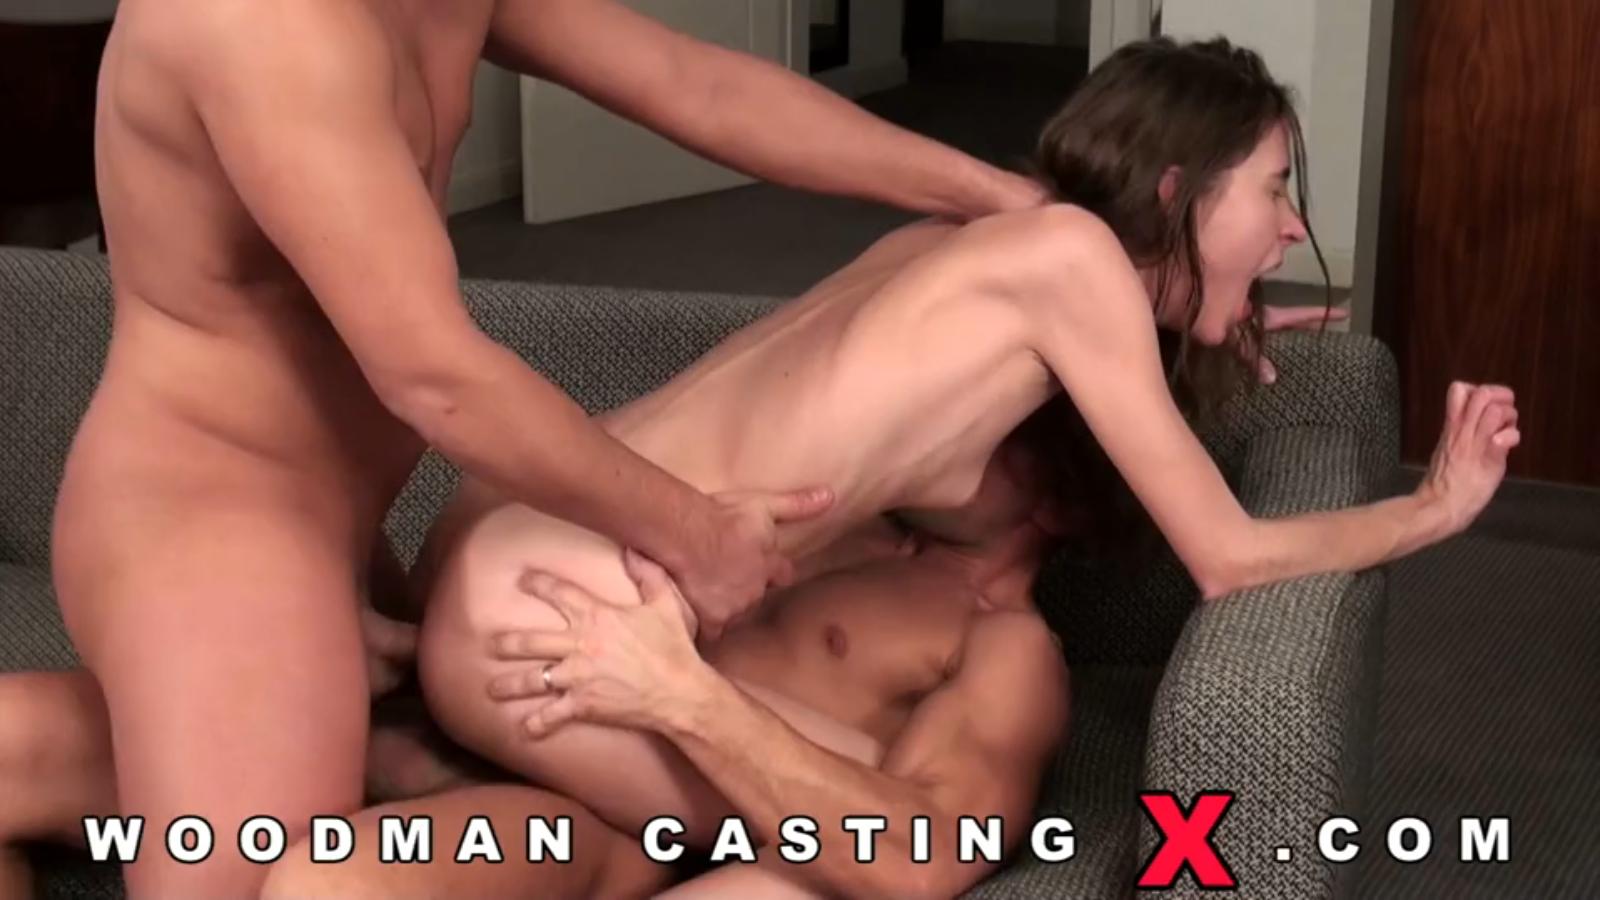 Woodman porn